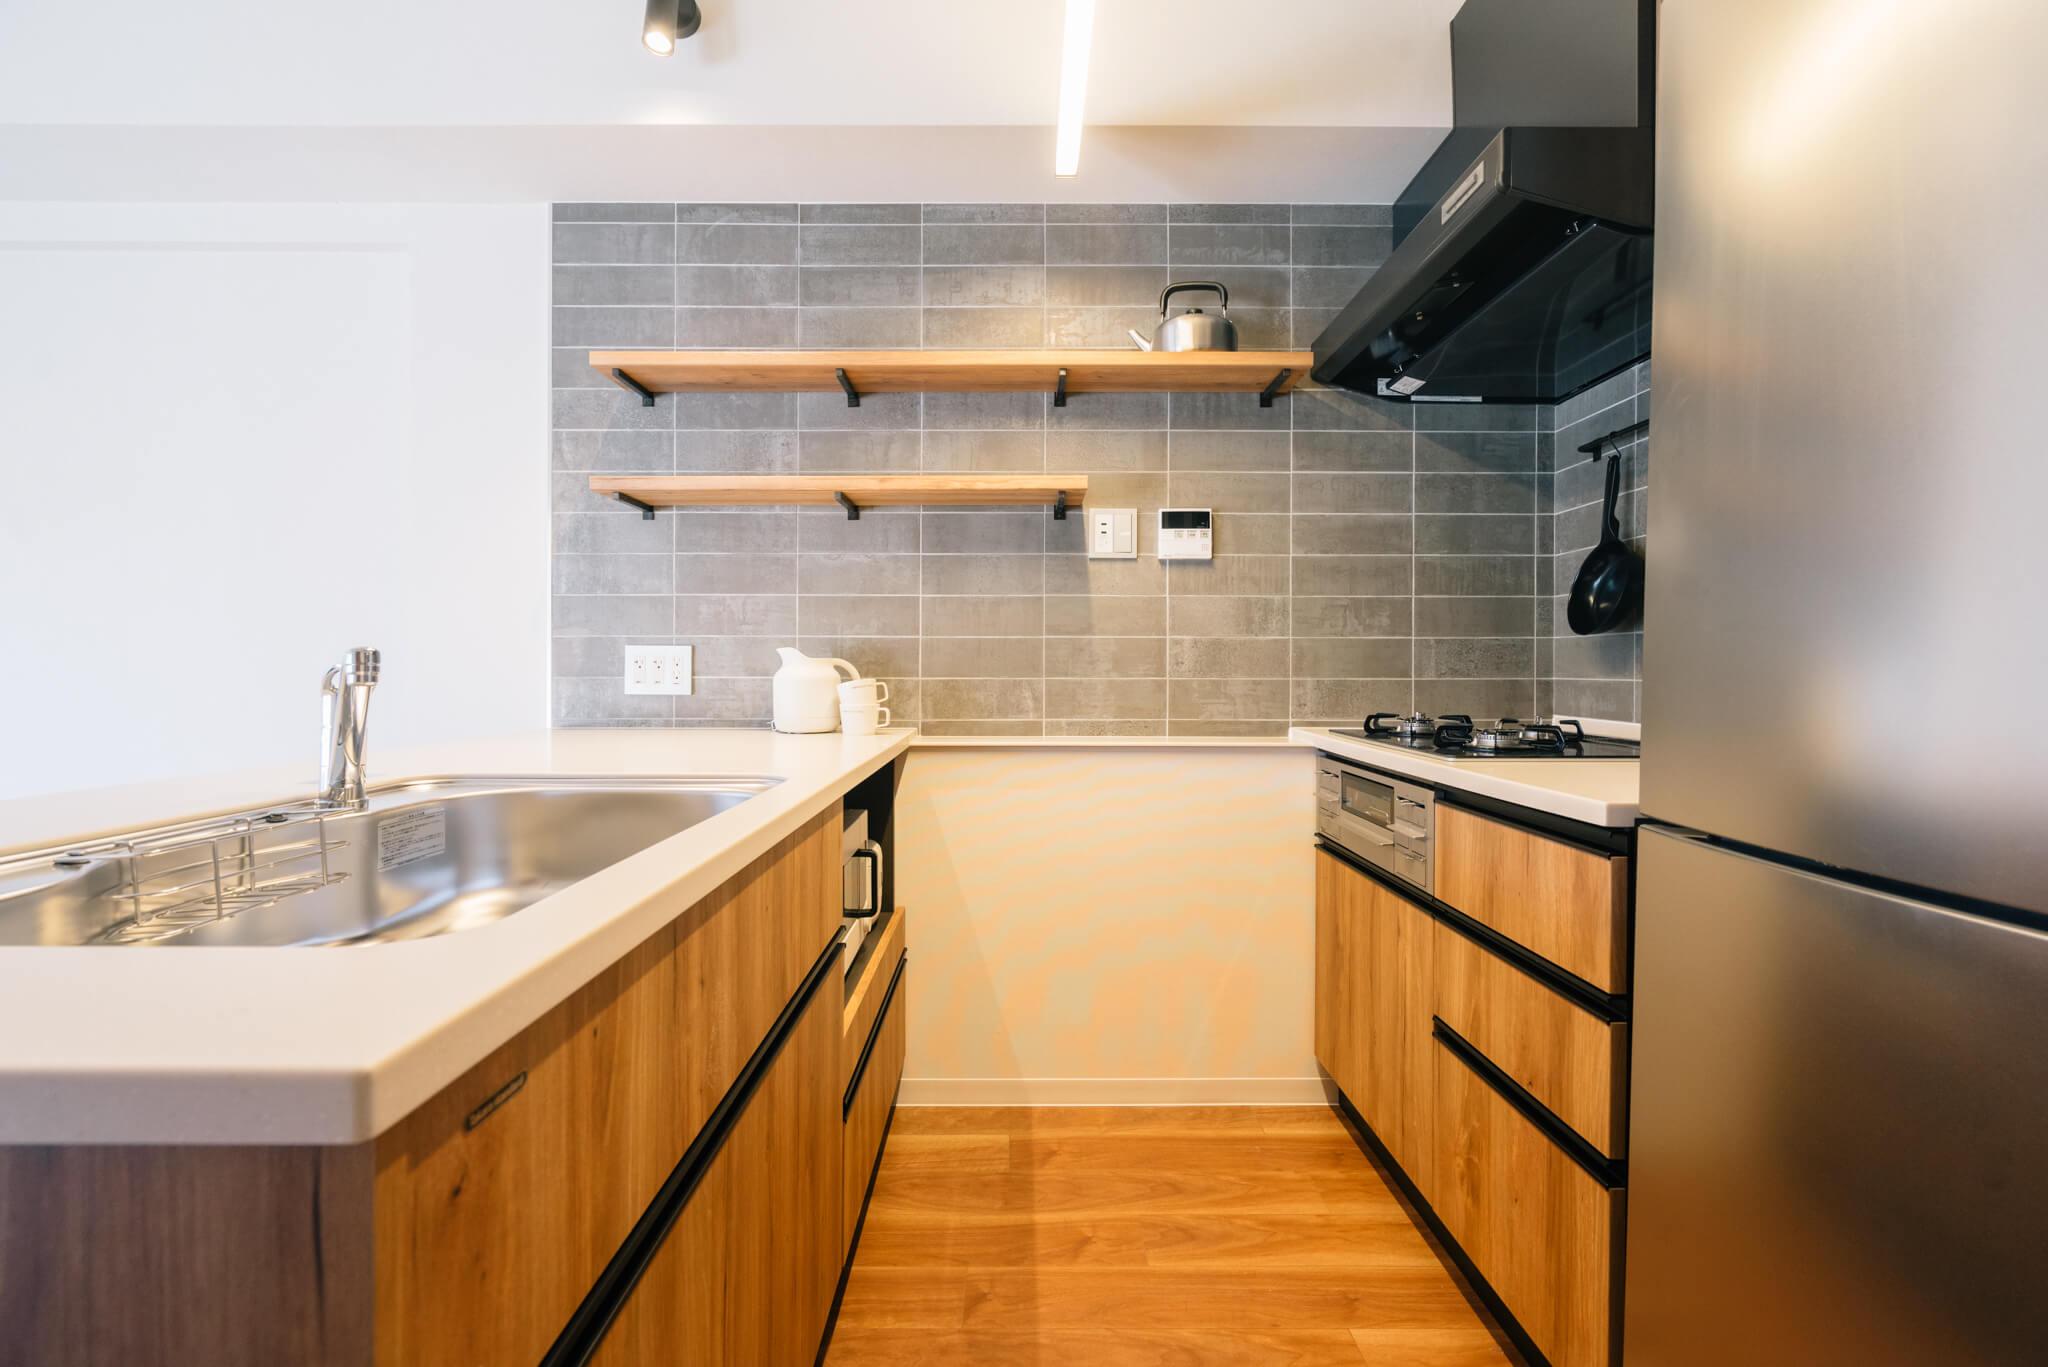 2列型キッチンで、作業スペースやシンクも広々。3口のガスコンロにグリルつきと、デザインが良いだけでなく設備も整っているのが素晴らしいです。